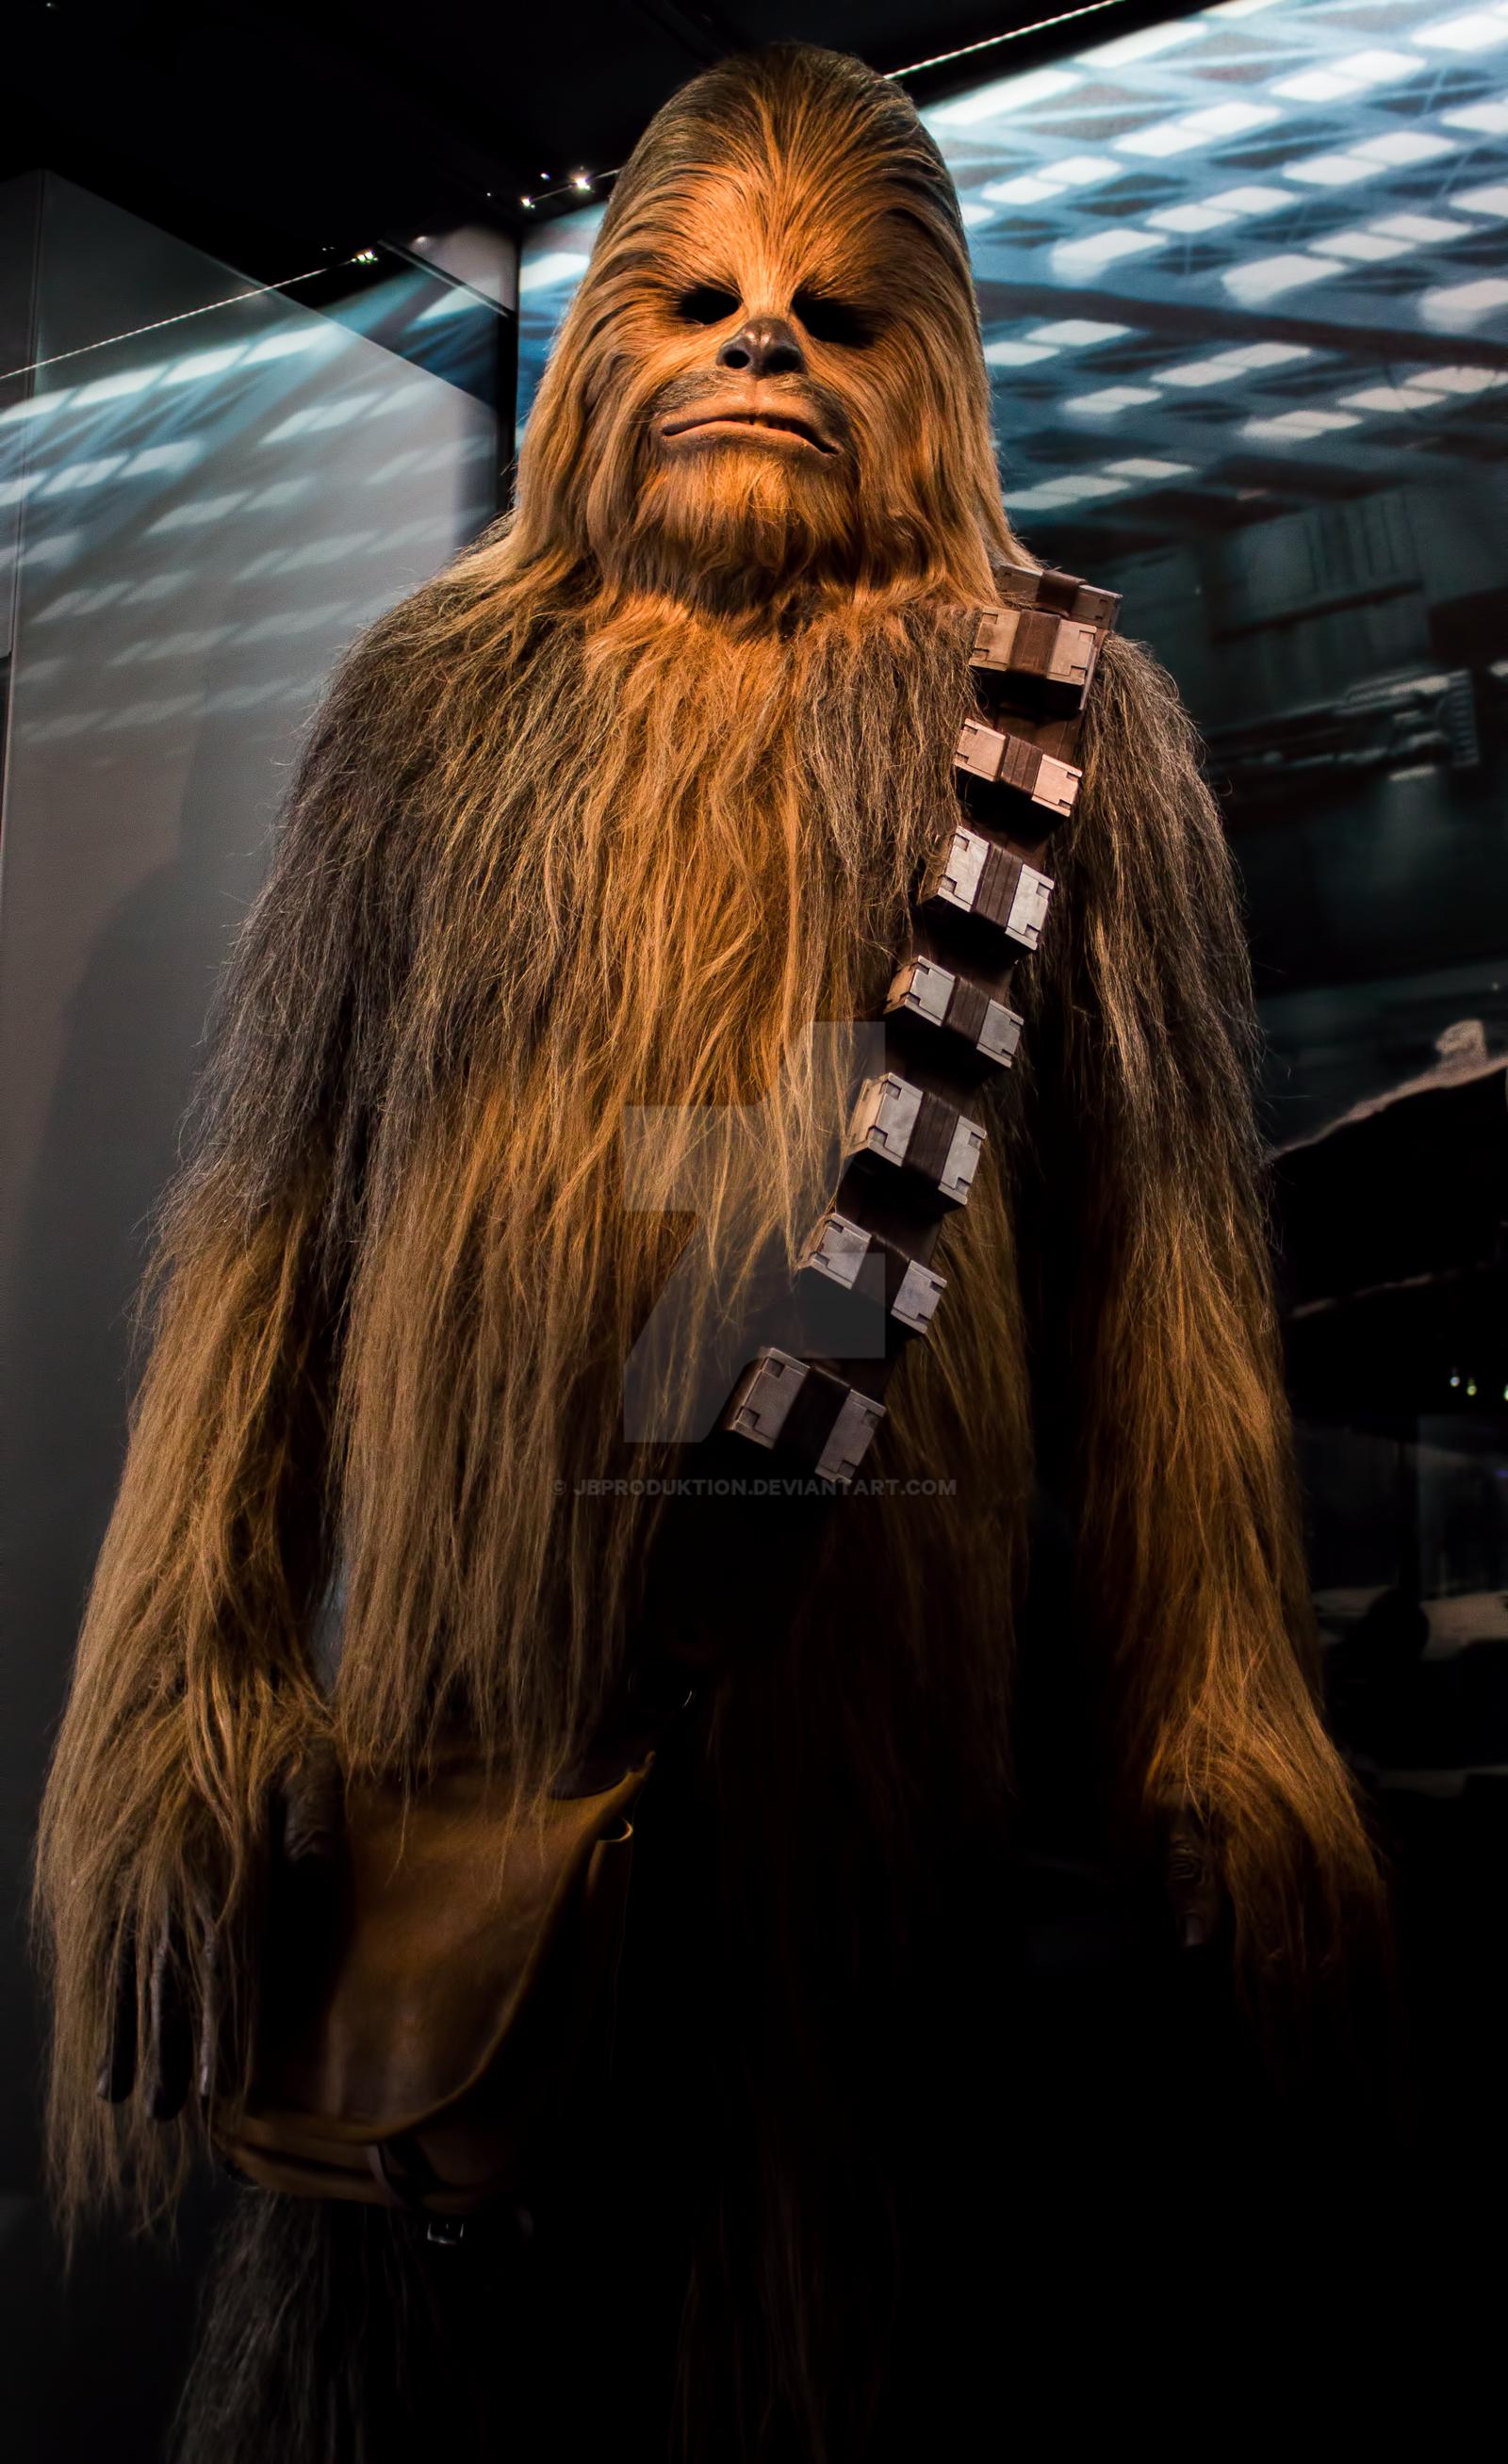 star wars chewbacca wallpaper - photo #25